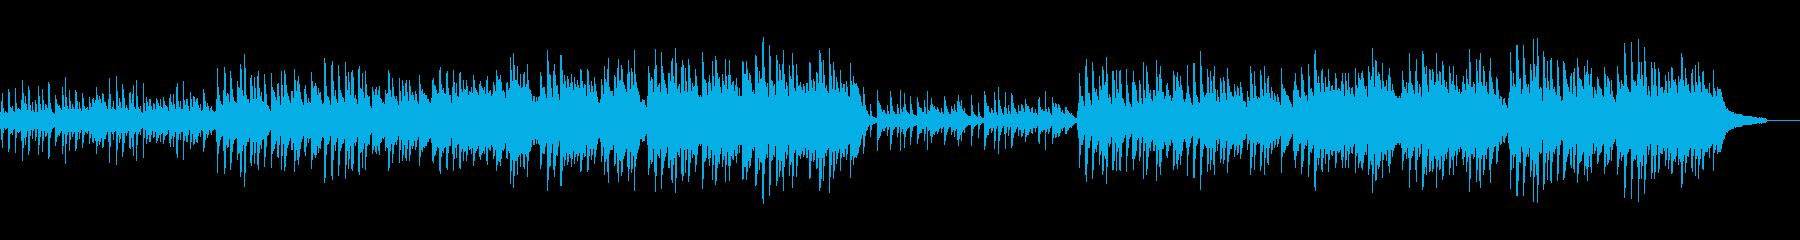 月明かりのピアノの再生済みの波形